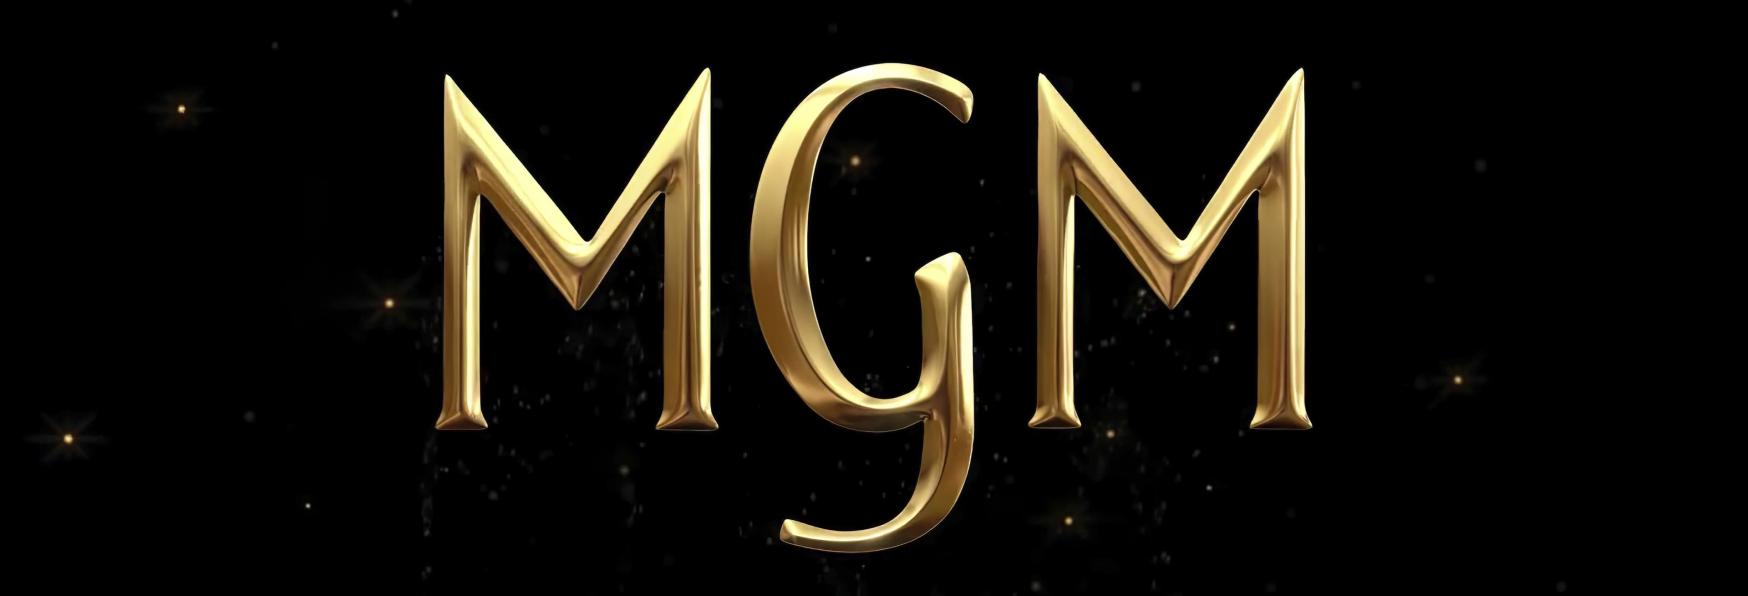 È Ufficiale: Amazon acquista la Metro Goldwyn Mayer per 8,45 Miliardi di Dollari